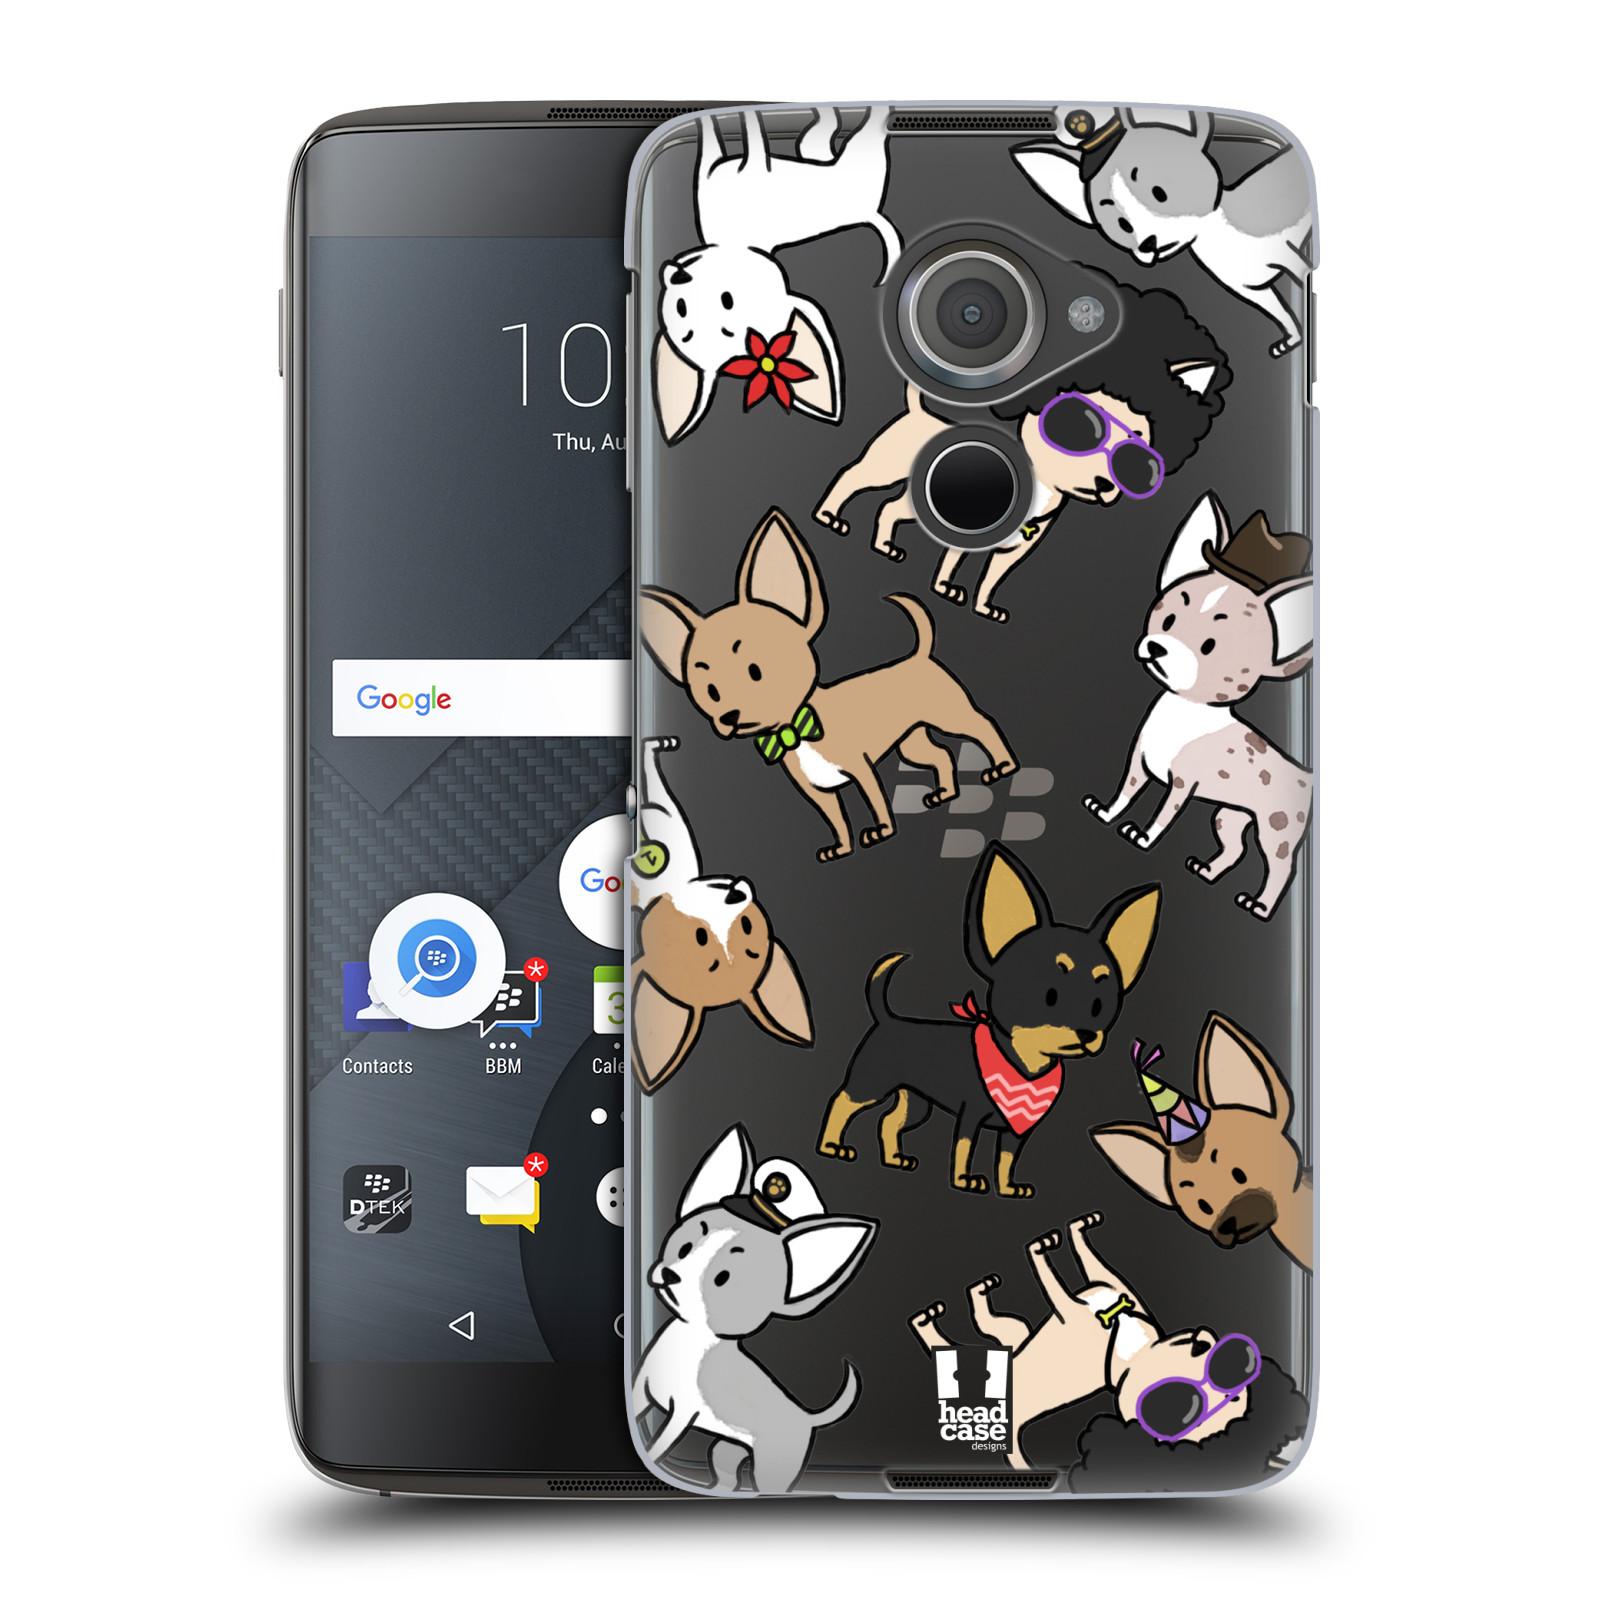 Plastové pouzdro na mobil Blackberry DTEK60 (Argon) - Head Case - Čivavy (Plastový kryt či obal na mobilní telefon s motivem čivav pro Blackberry DTEK60 (Argon))